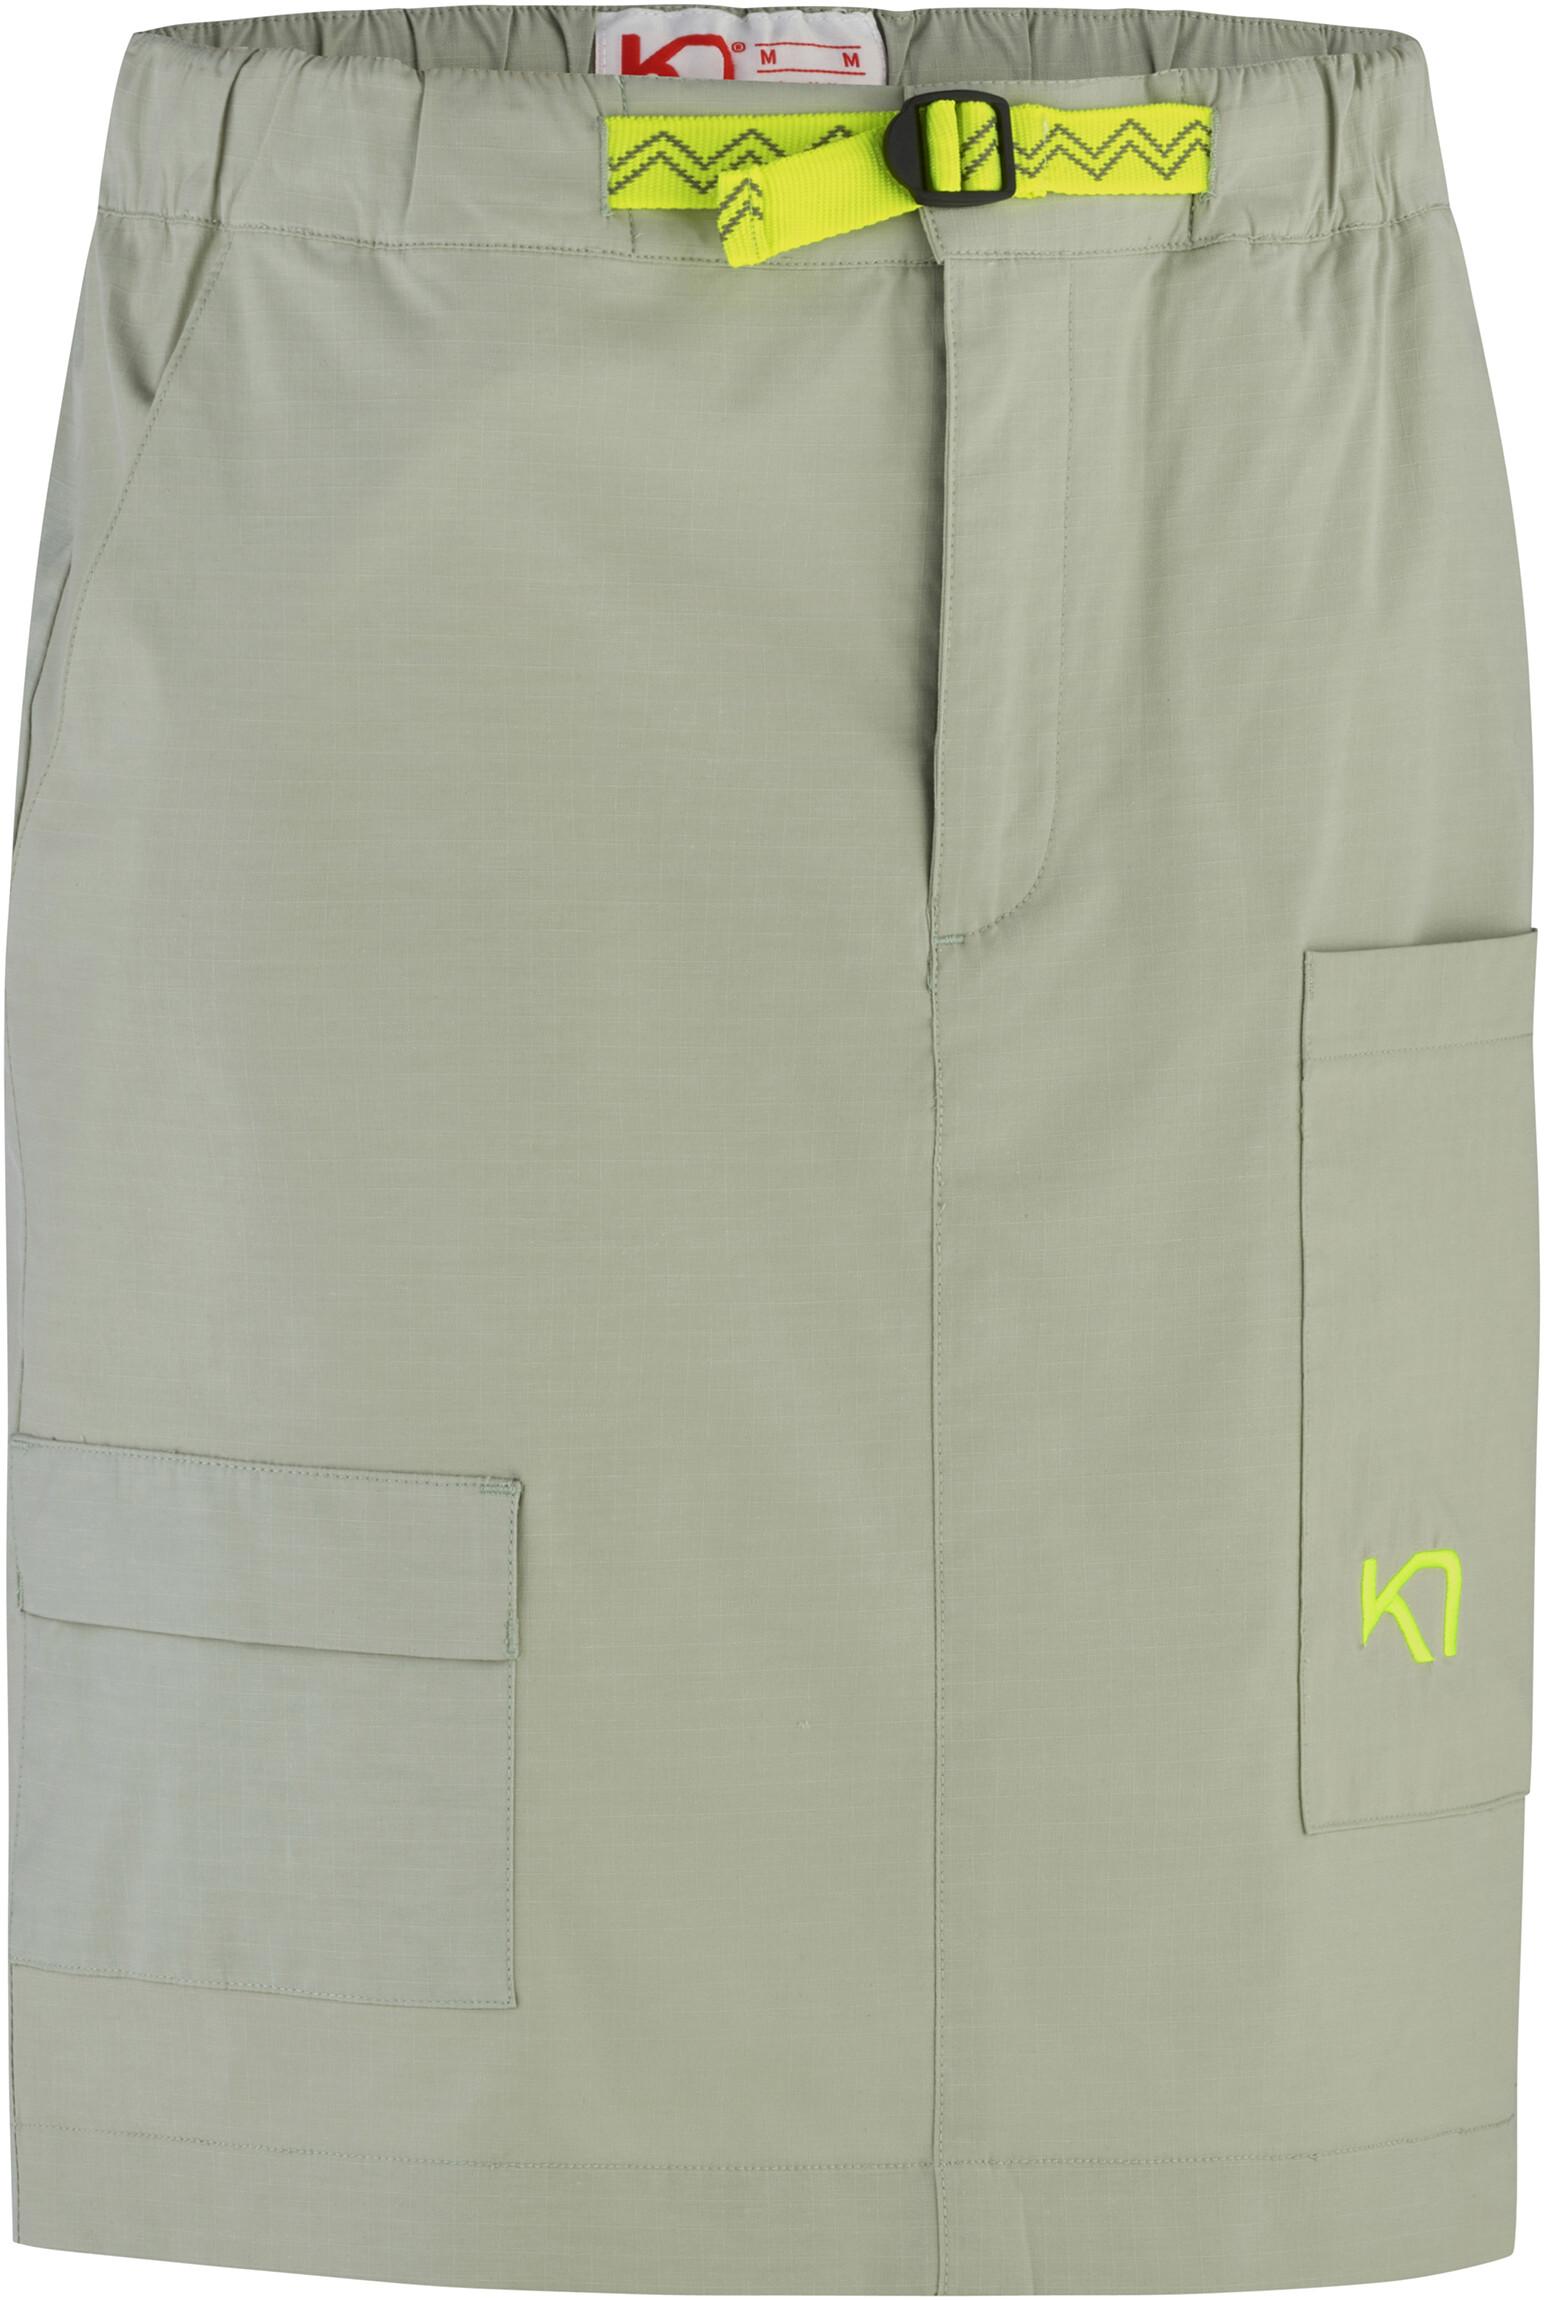 Kari Traa Mølster nederdel